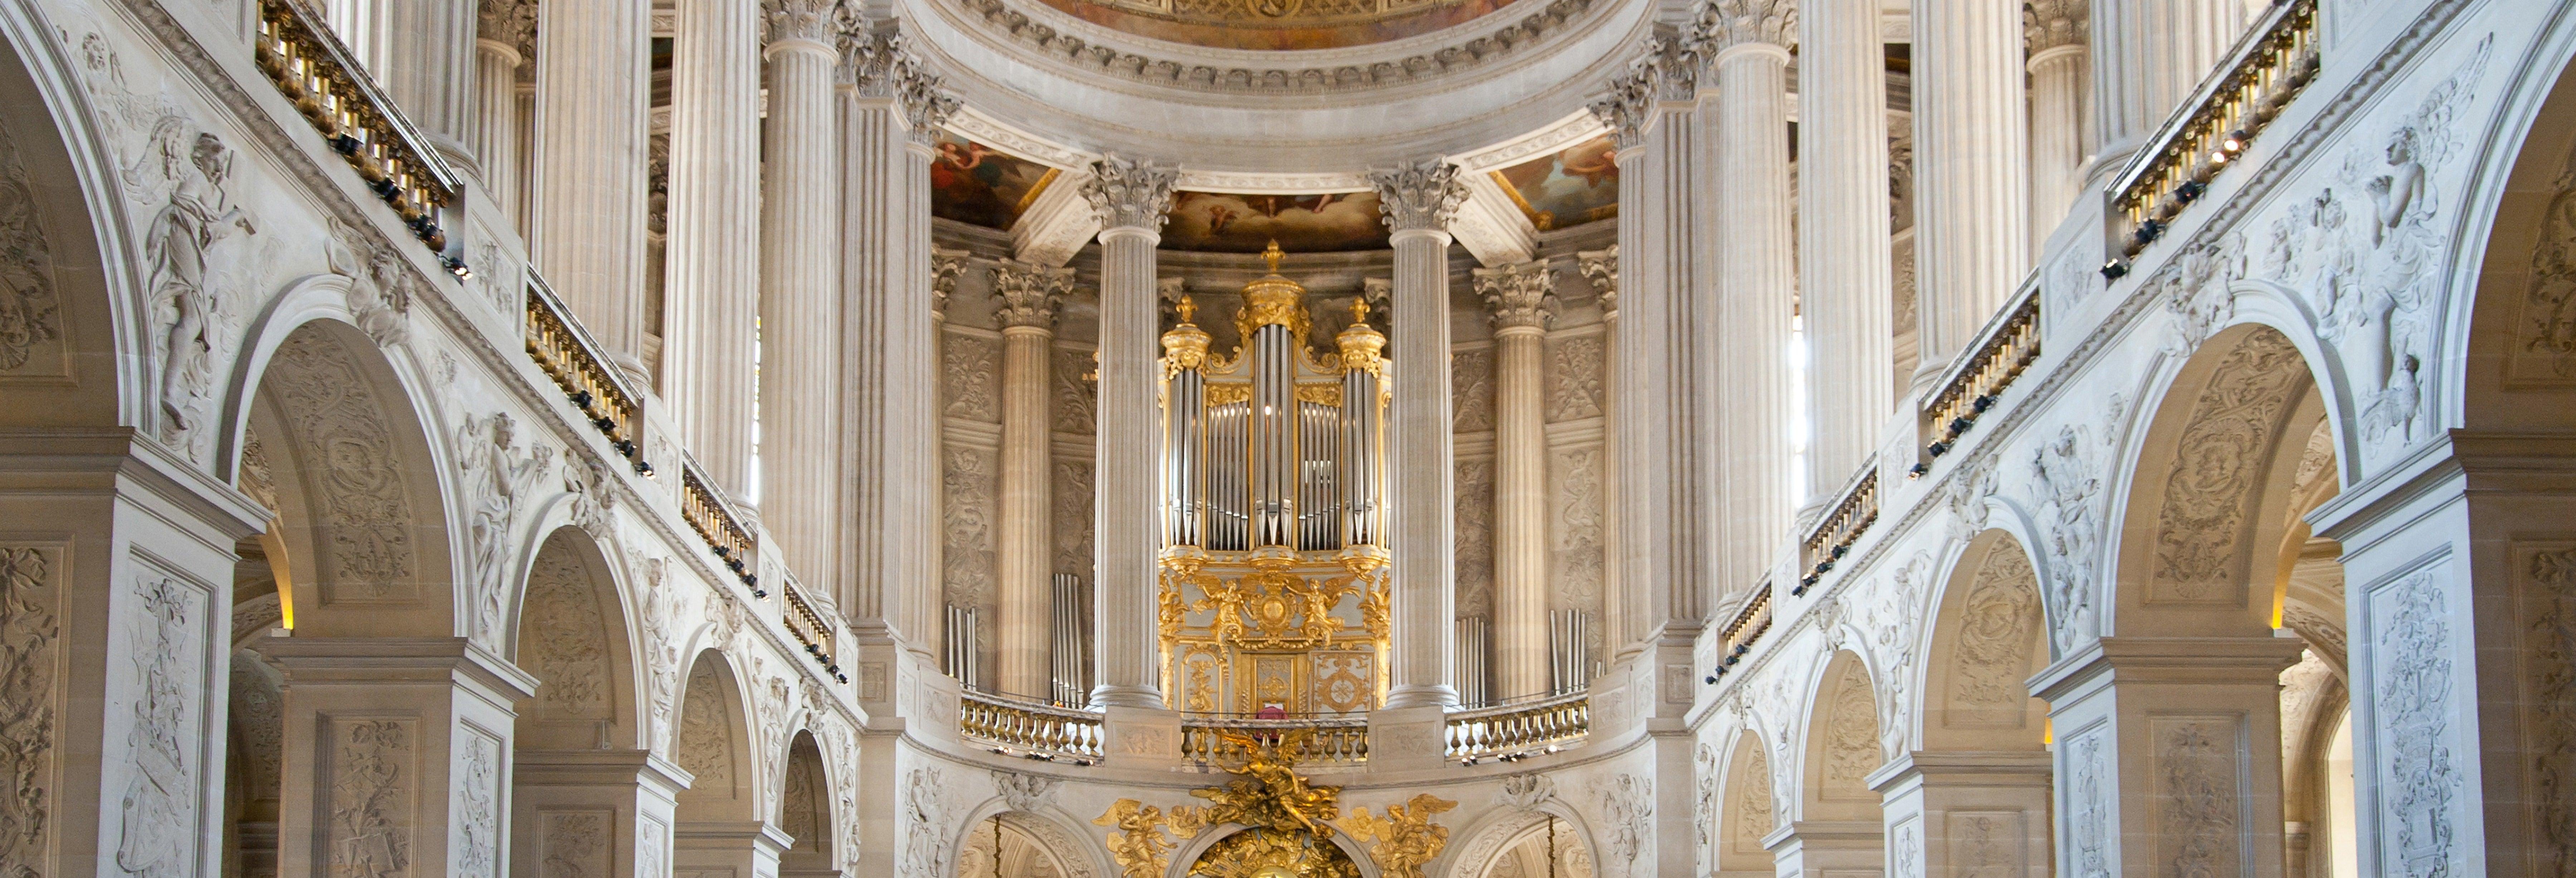 Excursión al Palacio de Versalles